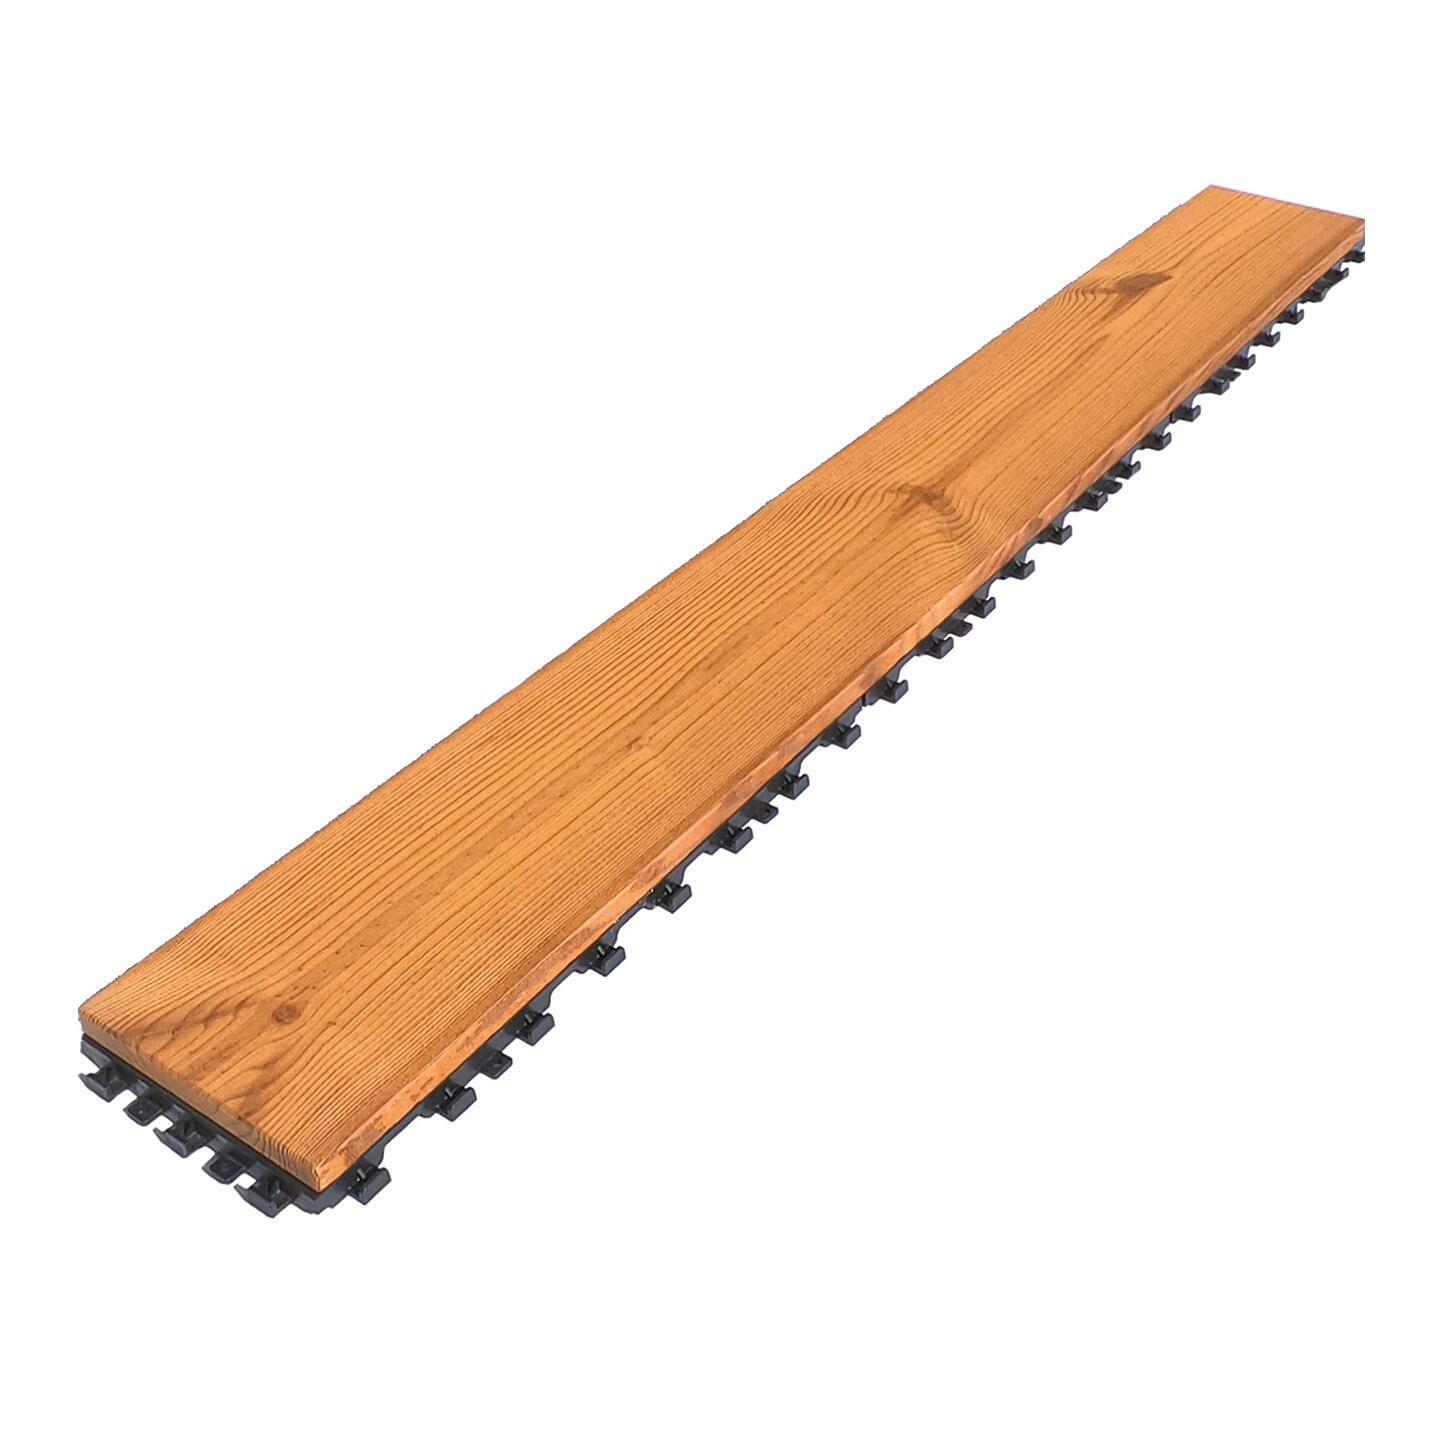 Listone da incastro in legno L 120 x H 15 cm, Sp 20.5 mm marrone - 17